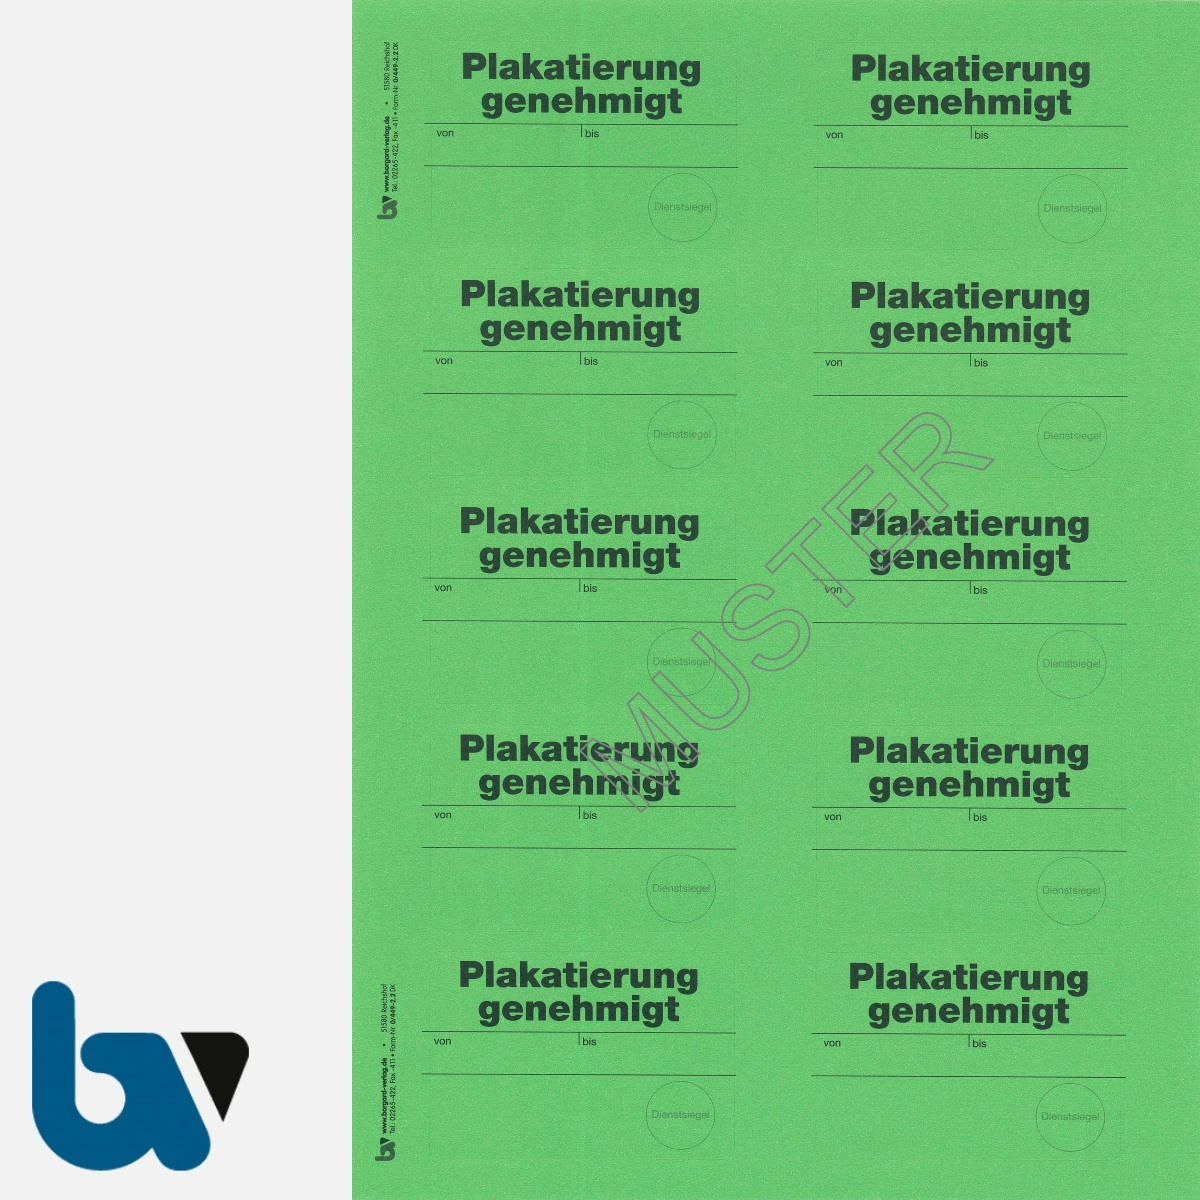 0/449-2.2 Aufkleber Plakatierung genehmigt leucht-grün 75 50 selbstklebend Bogen 10 stück DIN A4   Borgard Verlag GmbH